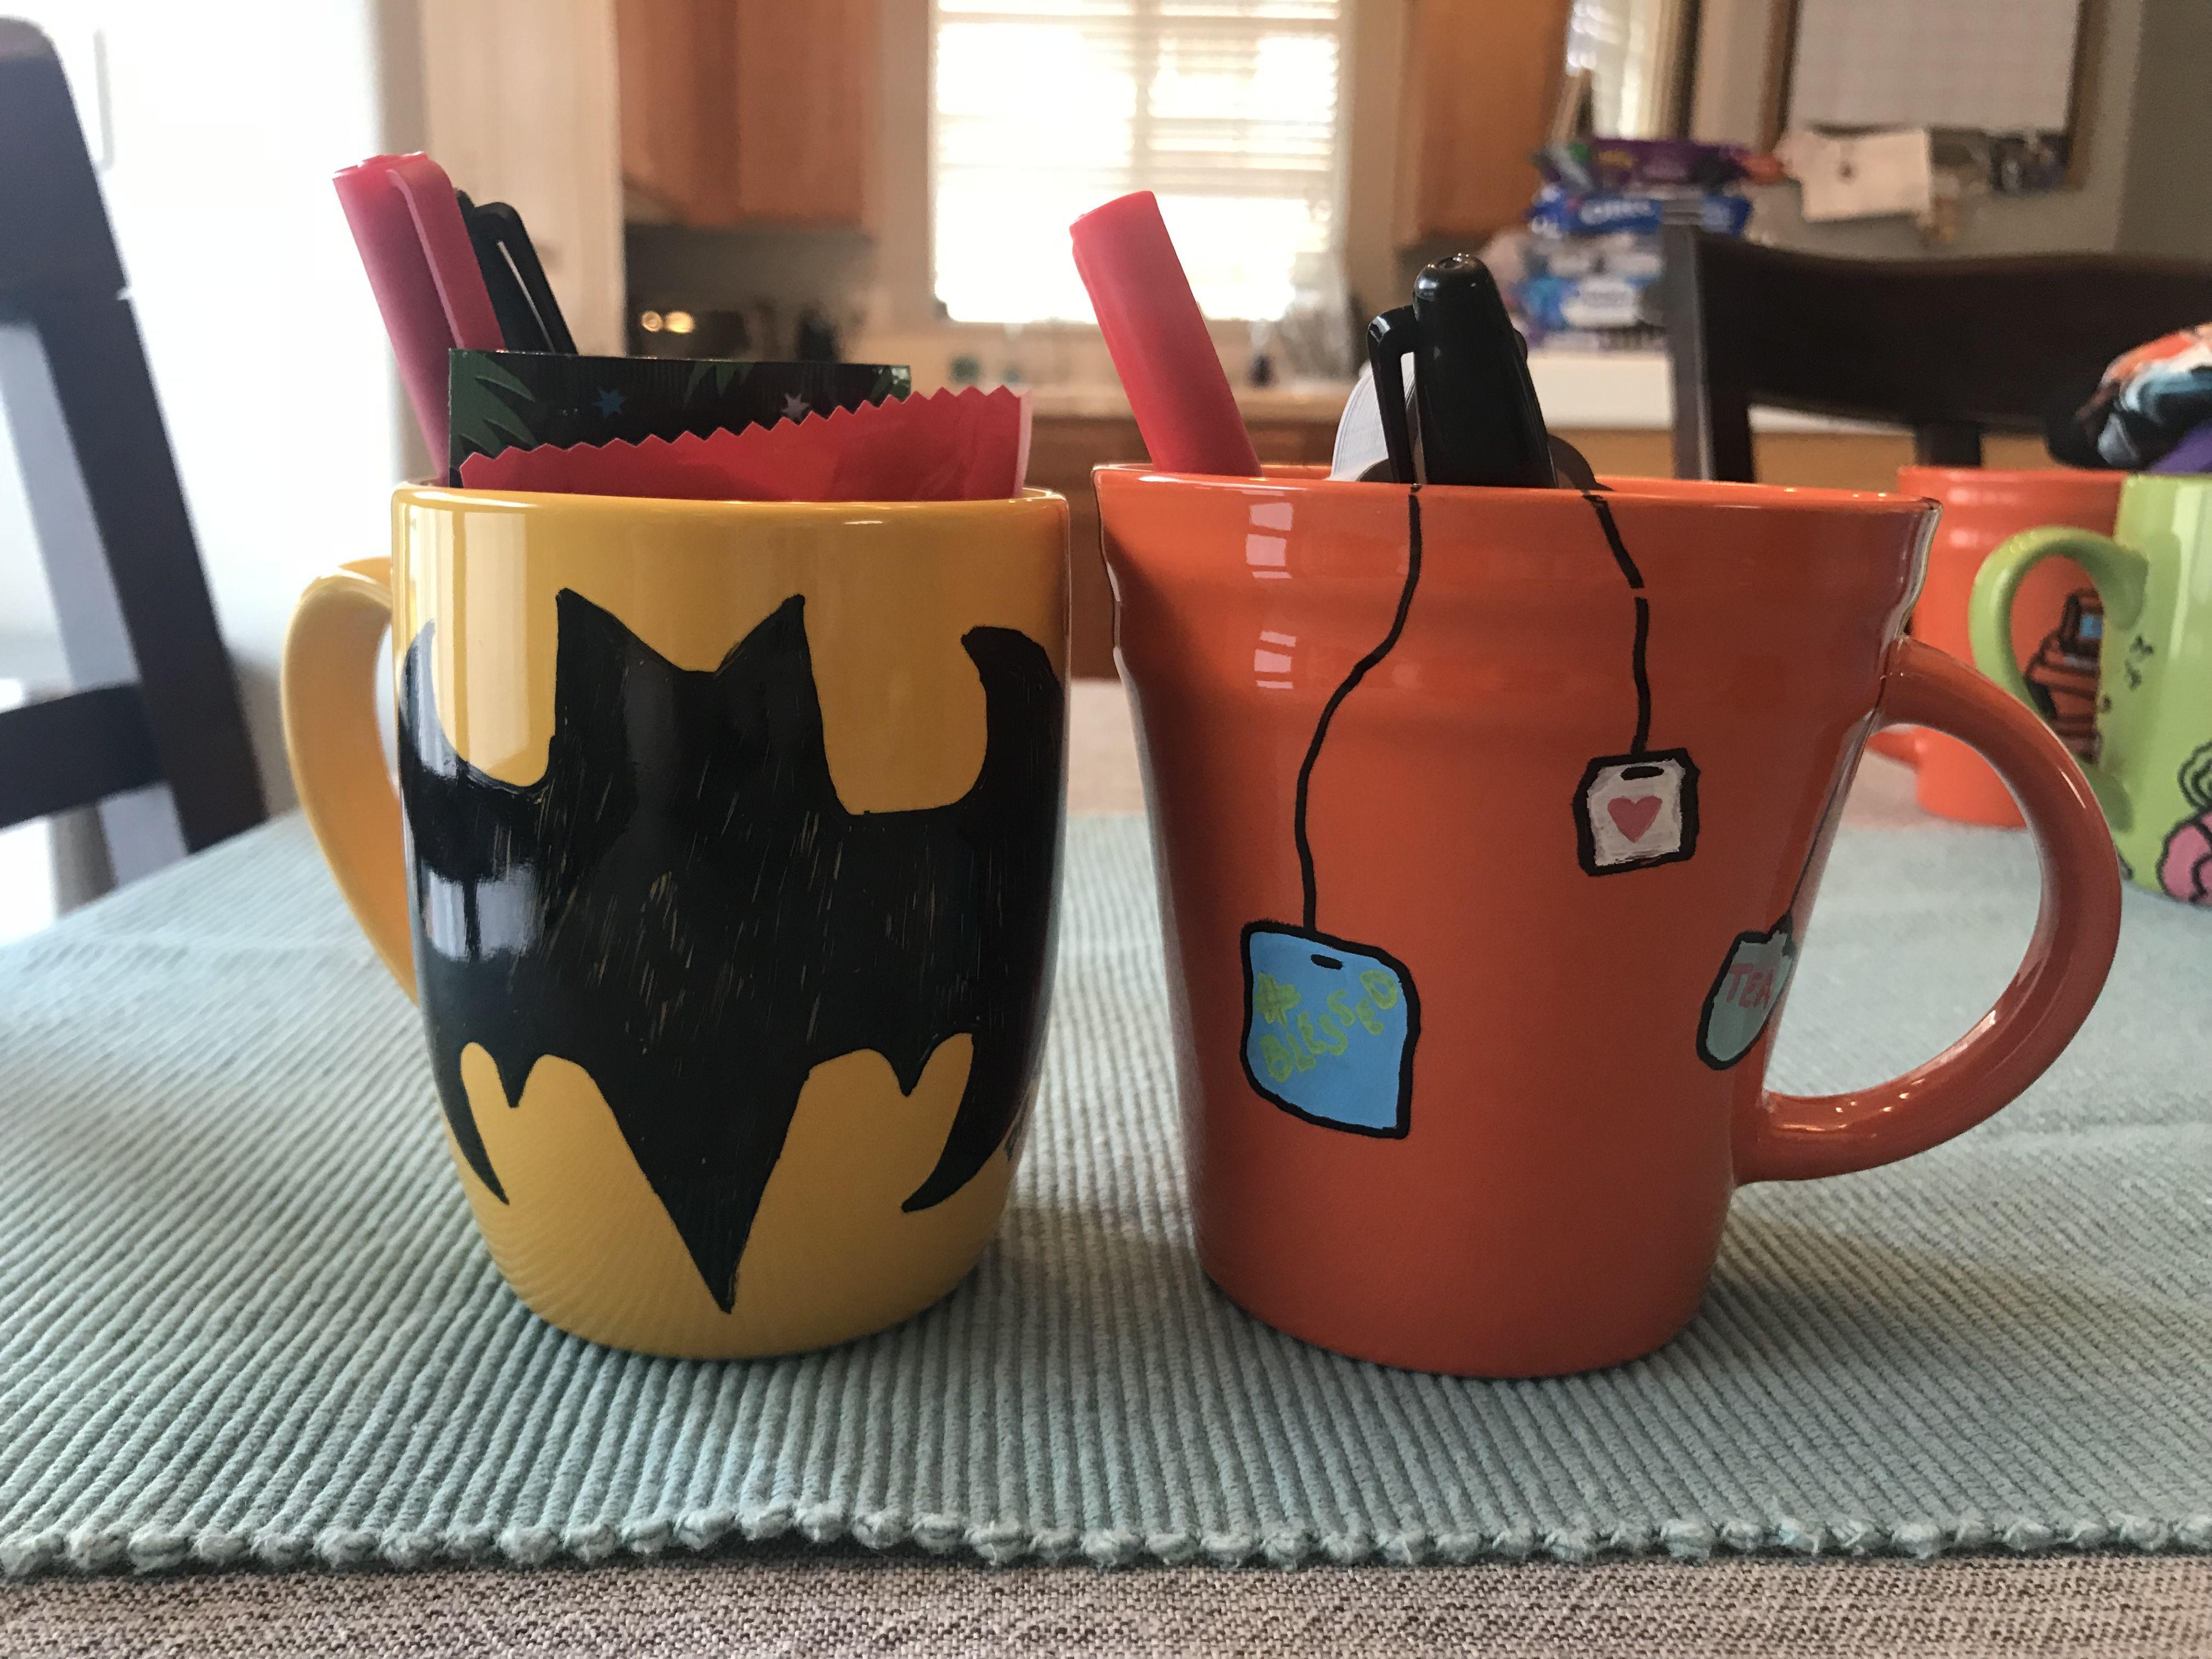 Diy Personalized Mugs Dollar Store Ceramic Mug Oil Based